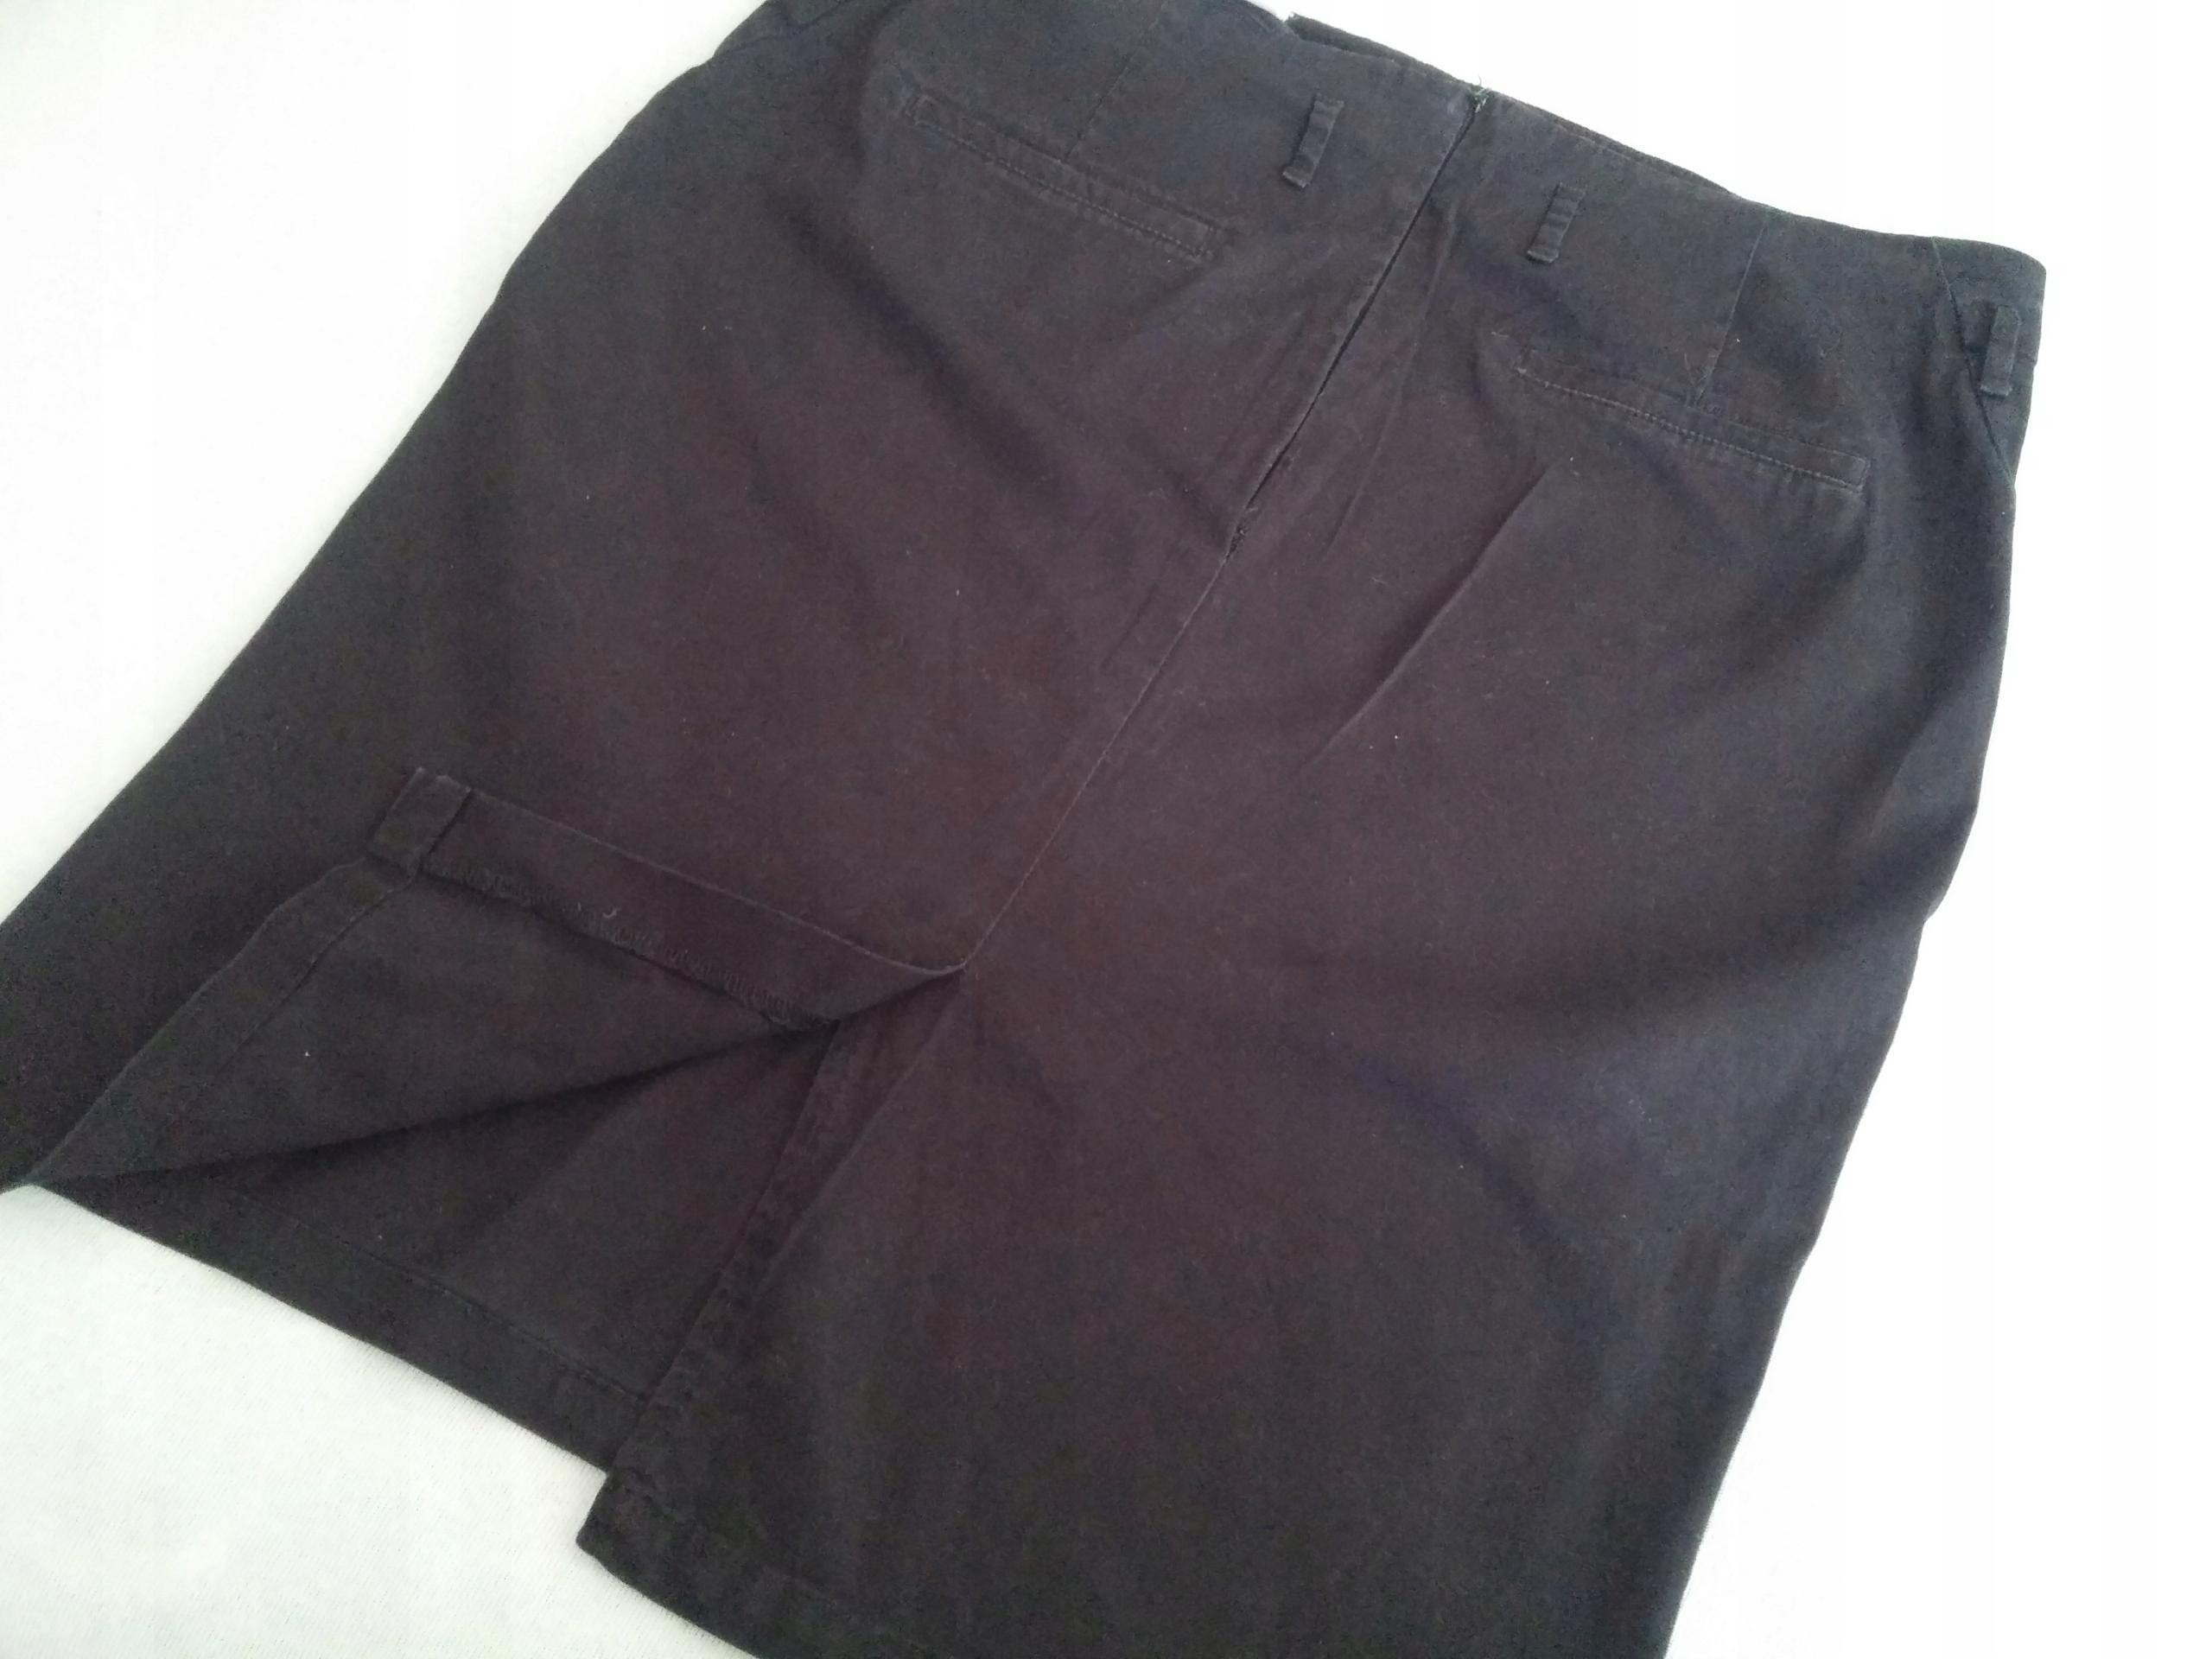 c1793b7000423c Spódnica czarna ołówkowa 44 bawełna - 7511723049 - oficjalne ...